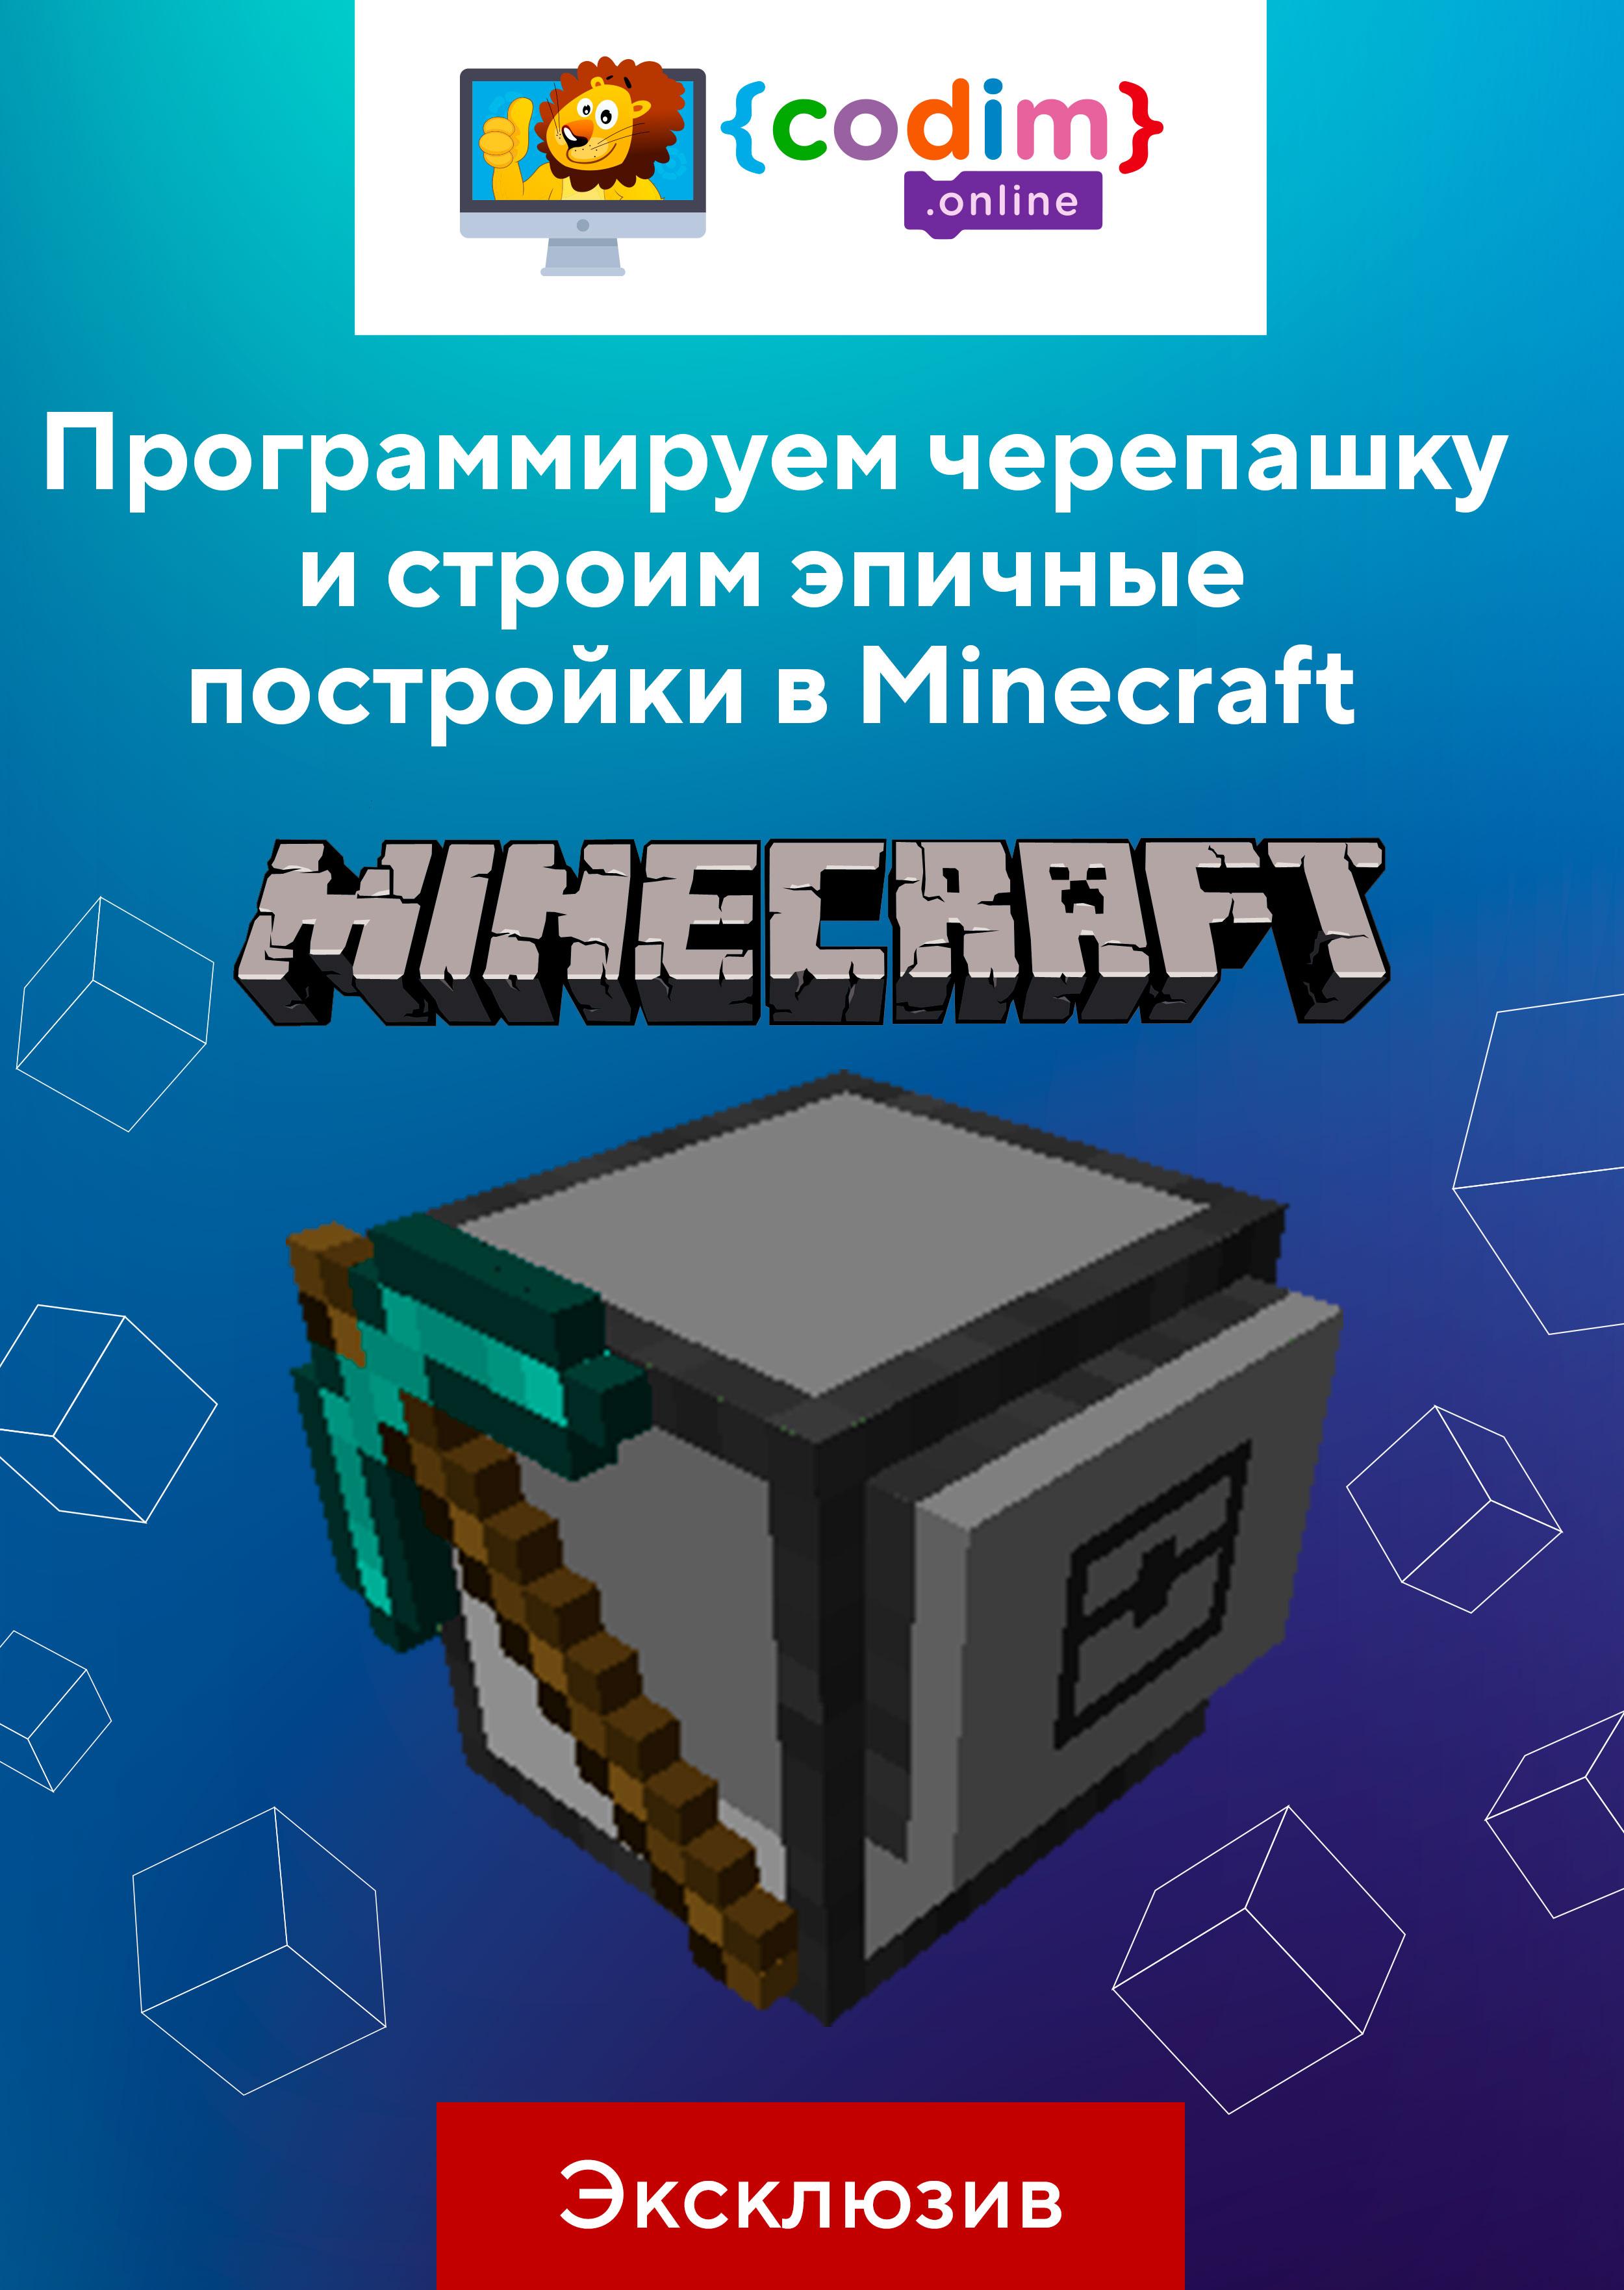 Программируем черепашку и строим эпичные постройки в Minecraft